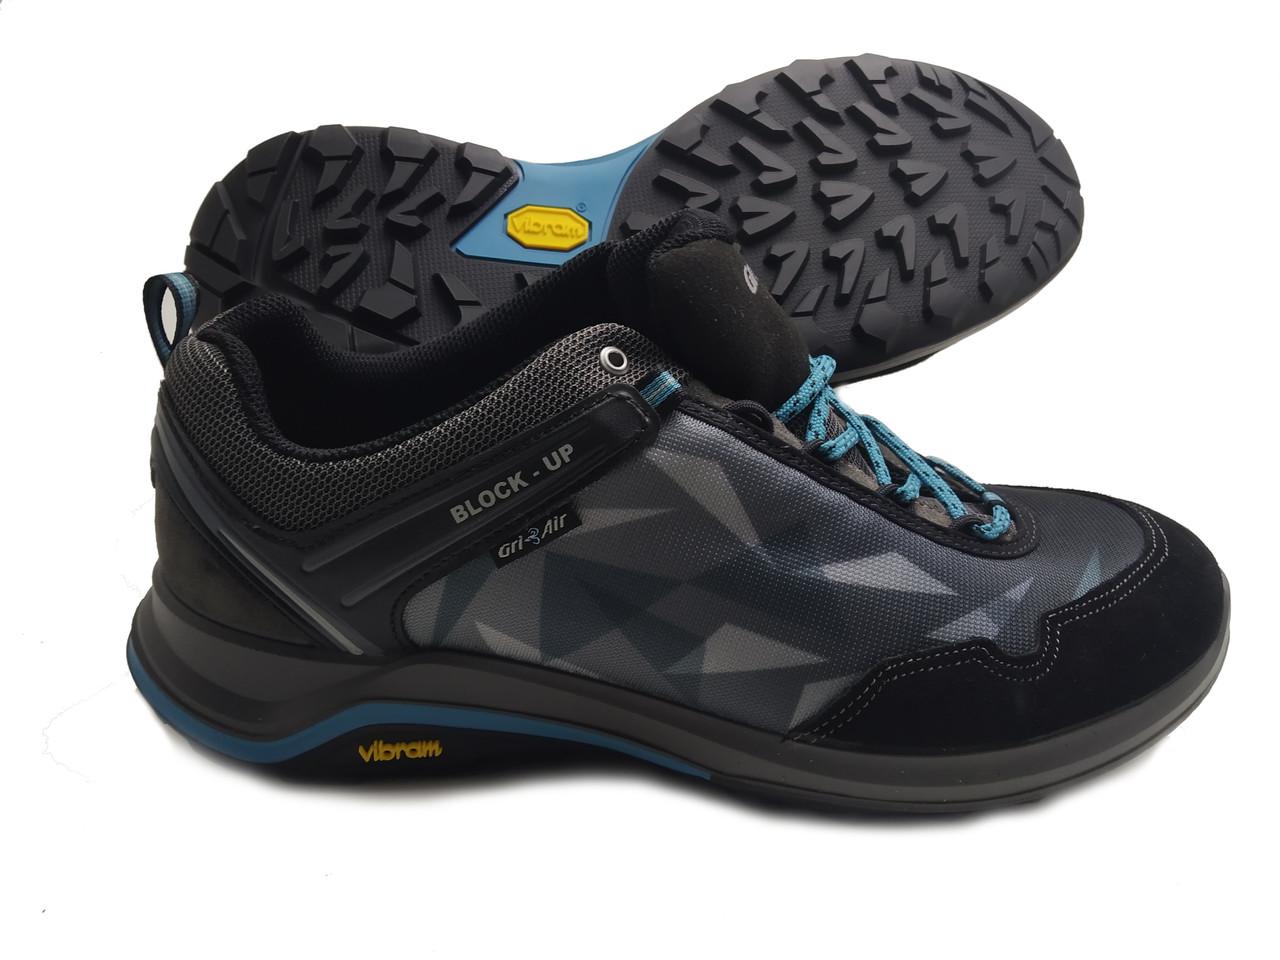 Мужские кроссовки Grisport Vibram 14325 (черно/голубой) ORIGINAL 100%